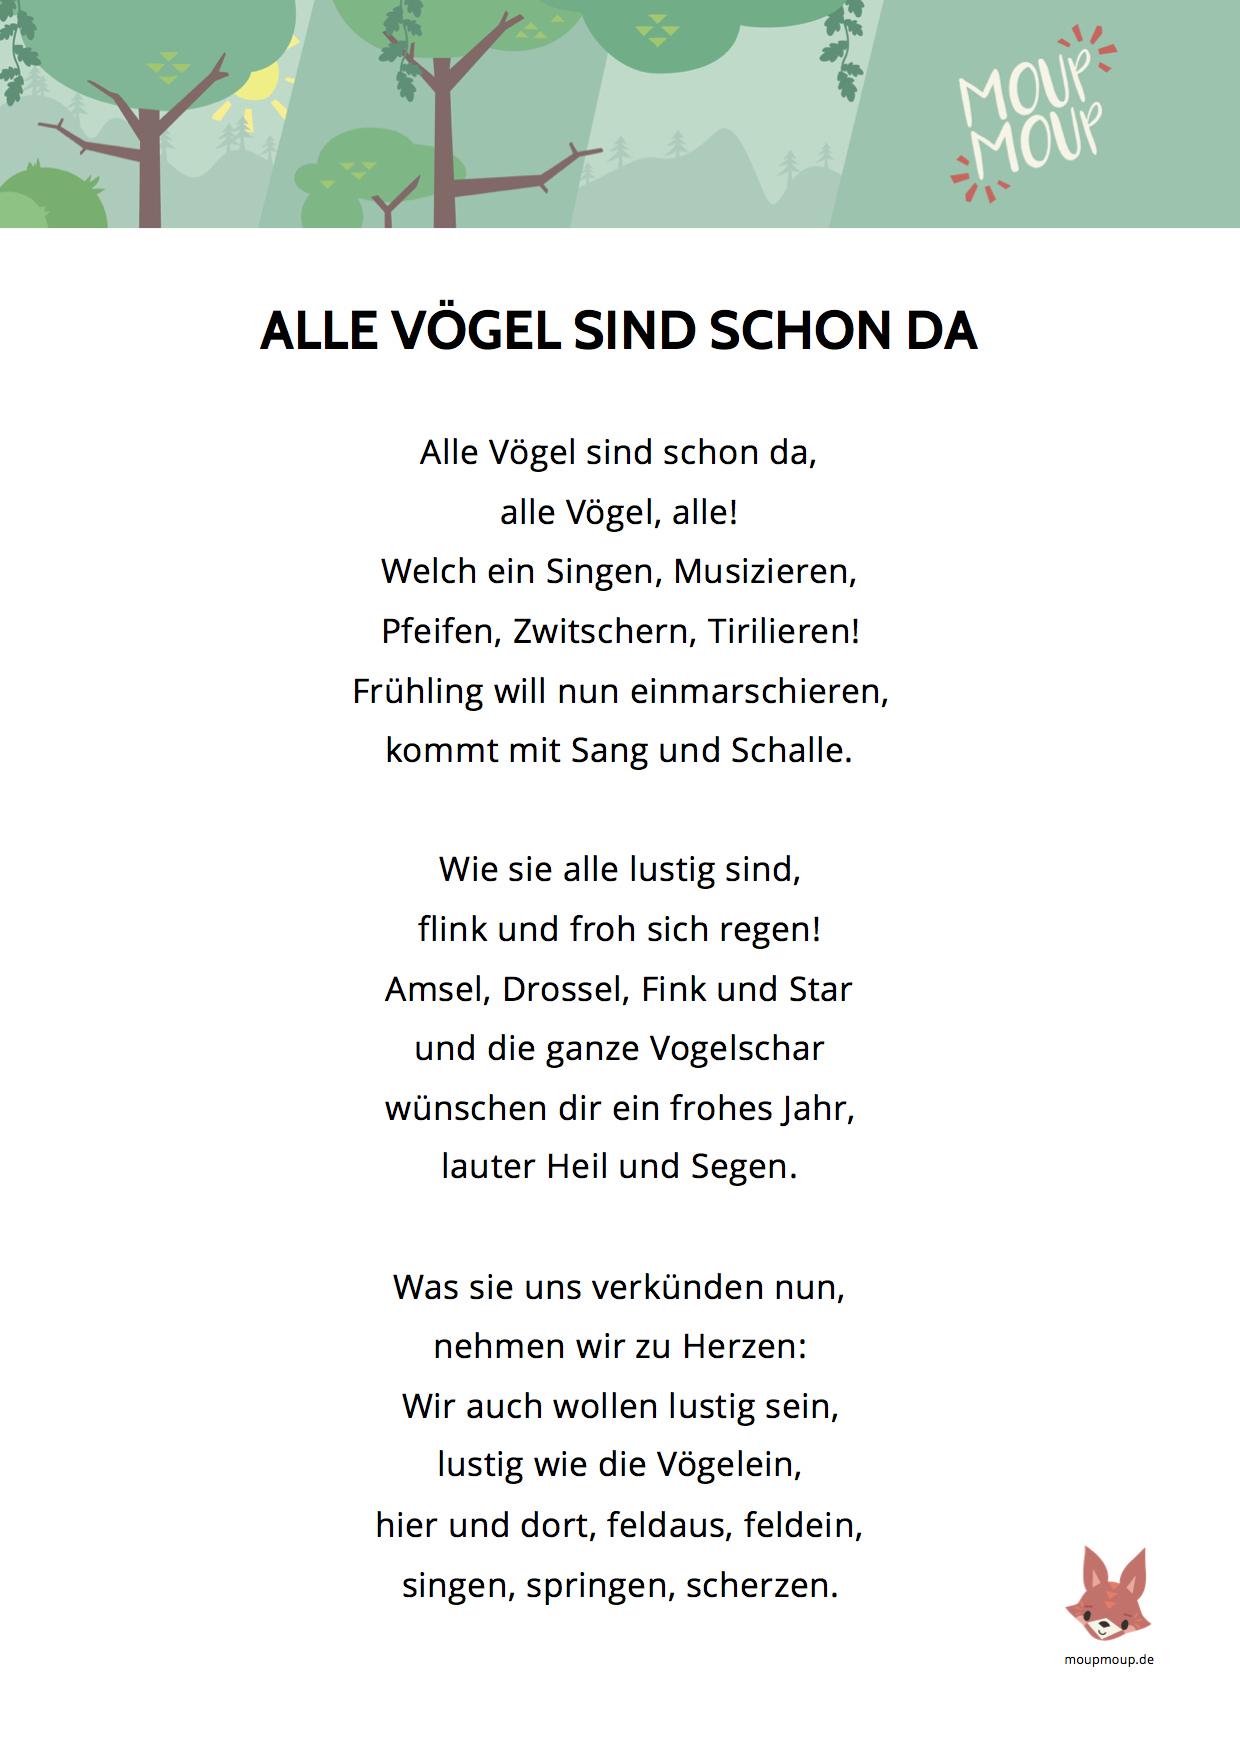 Alle Vögel Sind Schon Da - Mit Liedtext (Pdf) | Moupmoup verwandt mit Alle Vögel Sind Schon Da Akkorde